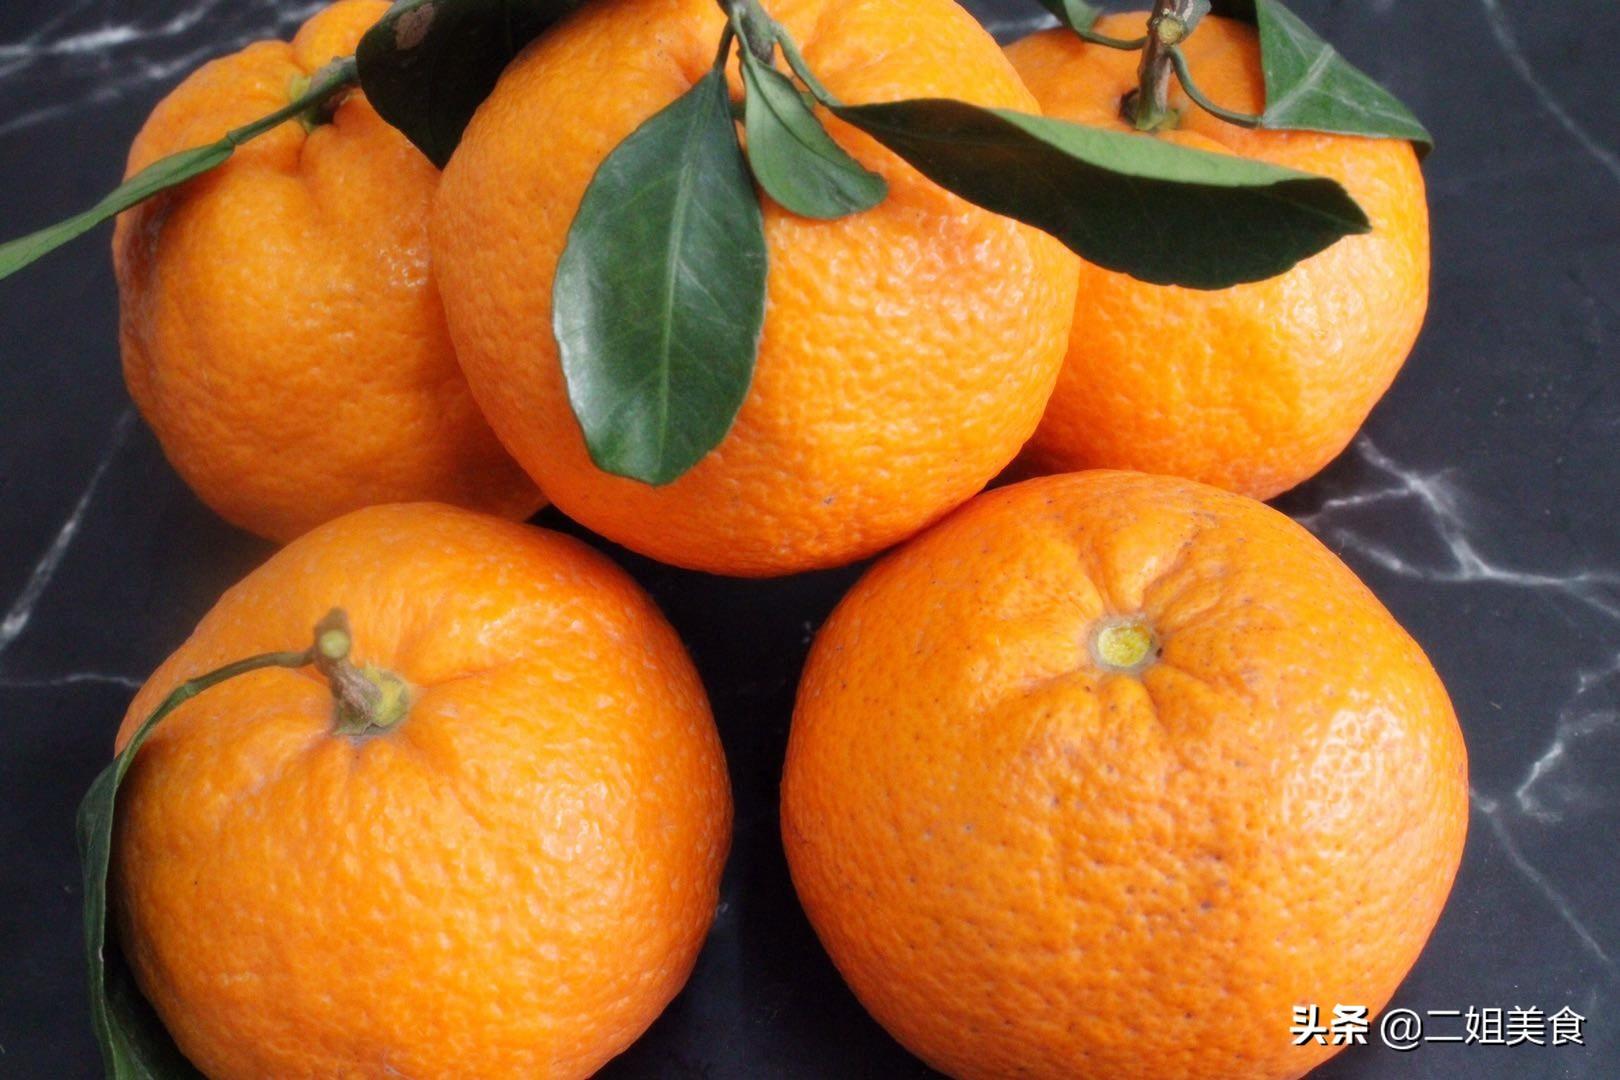 在橘子顶部开一个口,太聪明了,用途花钱买不到,简单还实用